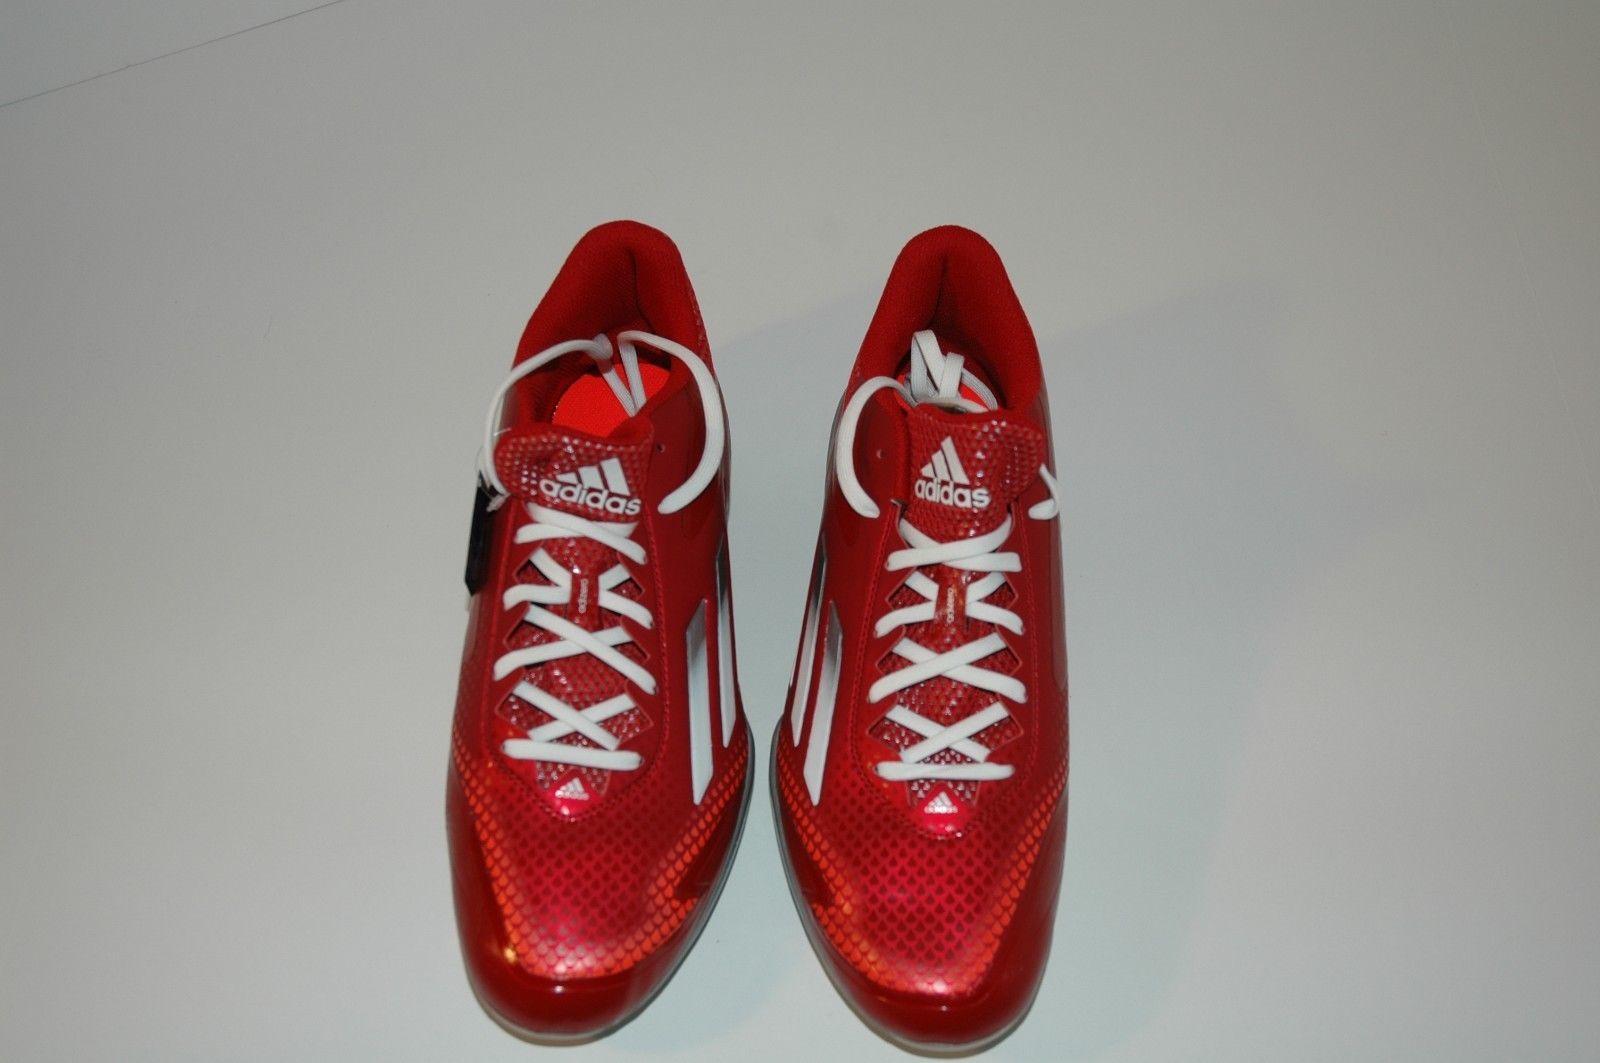 hot sales 05956 a2d8c Adidas Adizero Afterburner 2.0 Metal and 50 similar items. S l1600